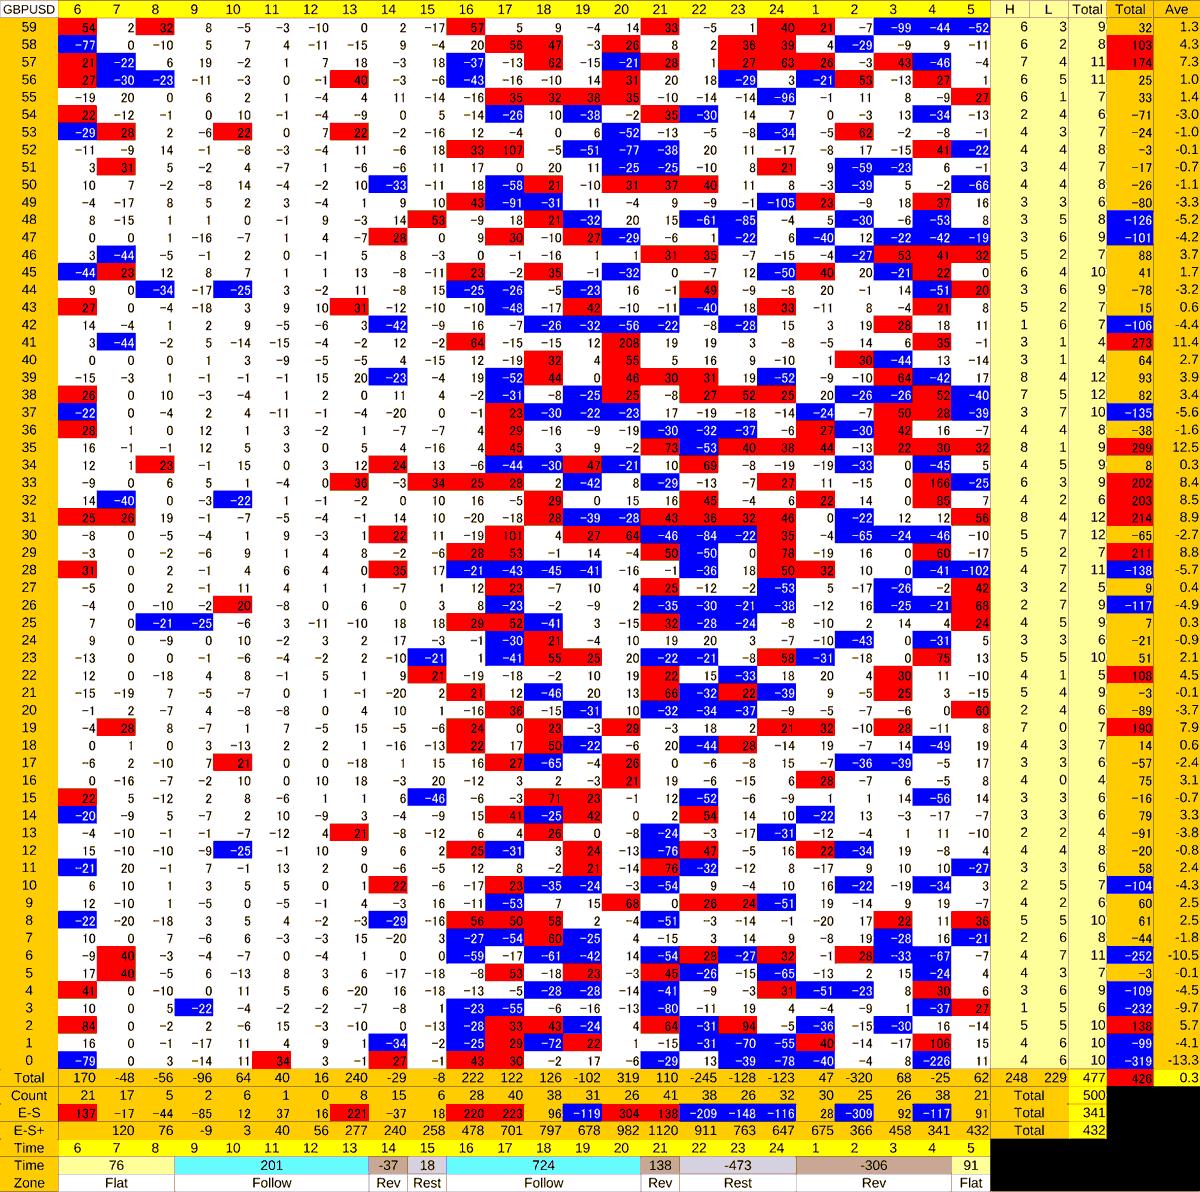 20201216_HS(2)GBPUSD